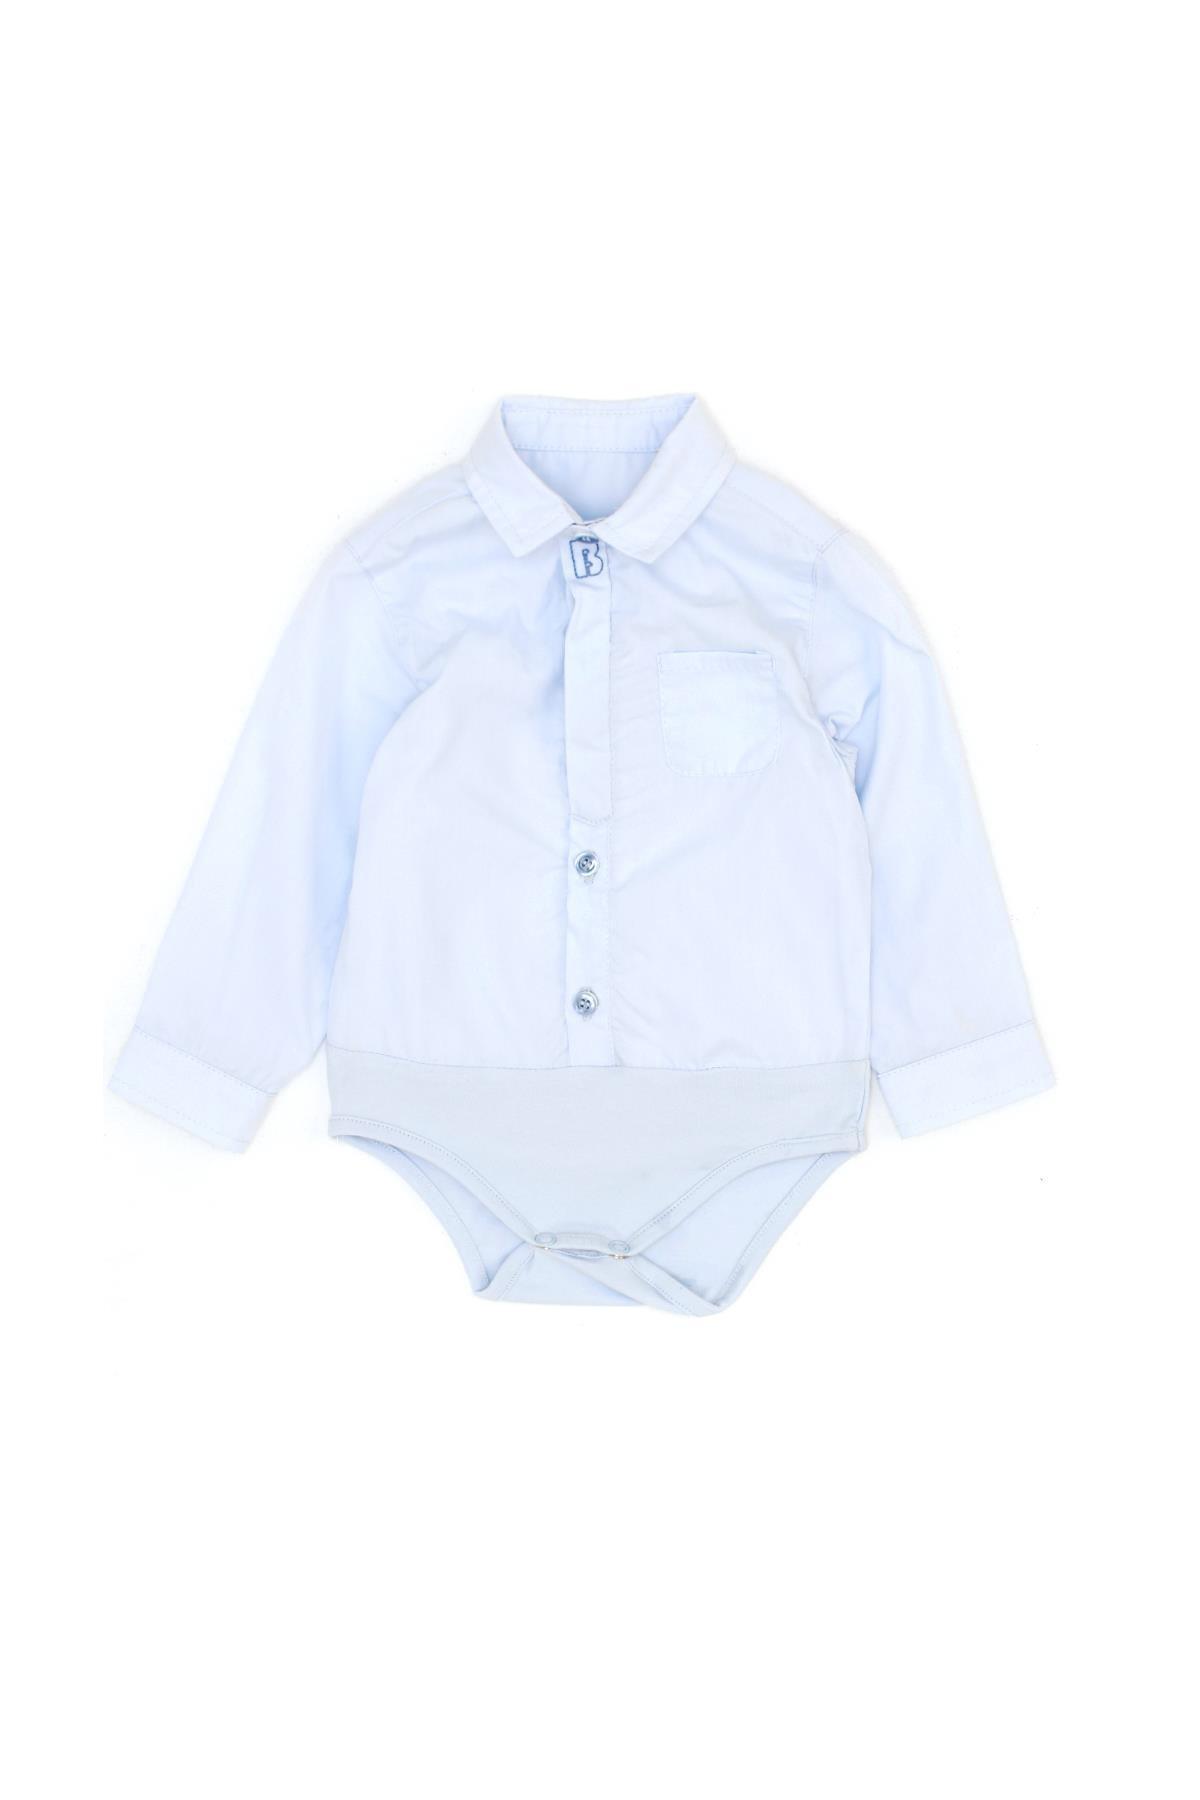 پیراهن بچه گانه مارک دار برند BG Baby رنگ آبی کد ty94793018